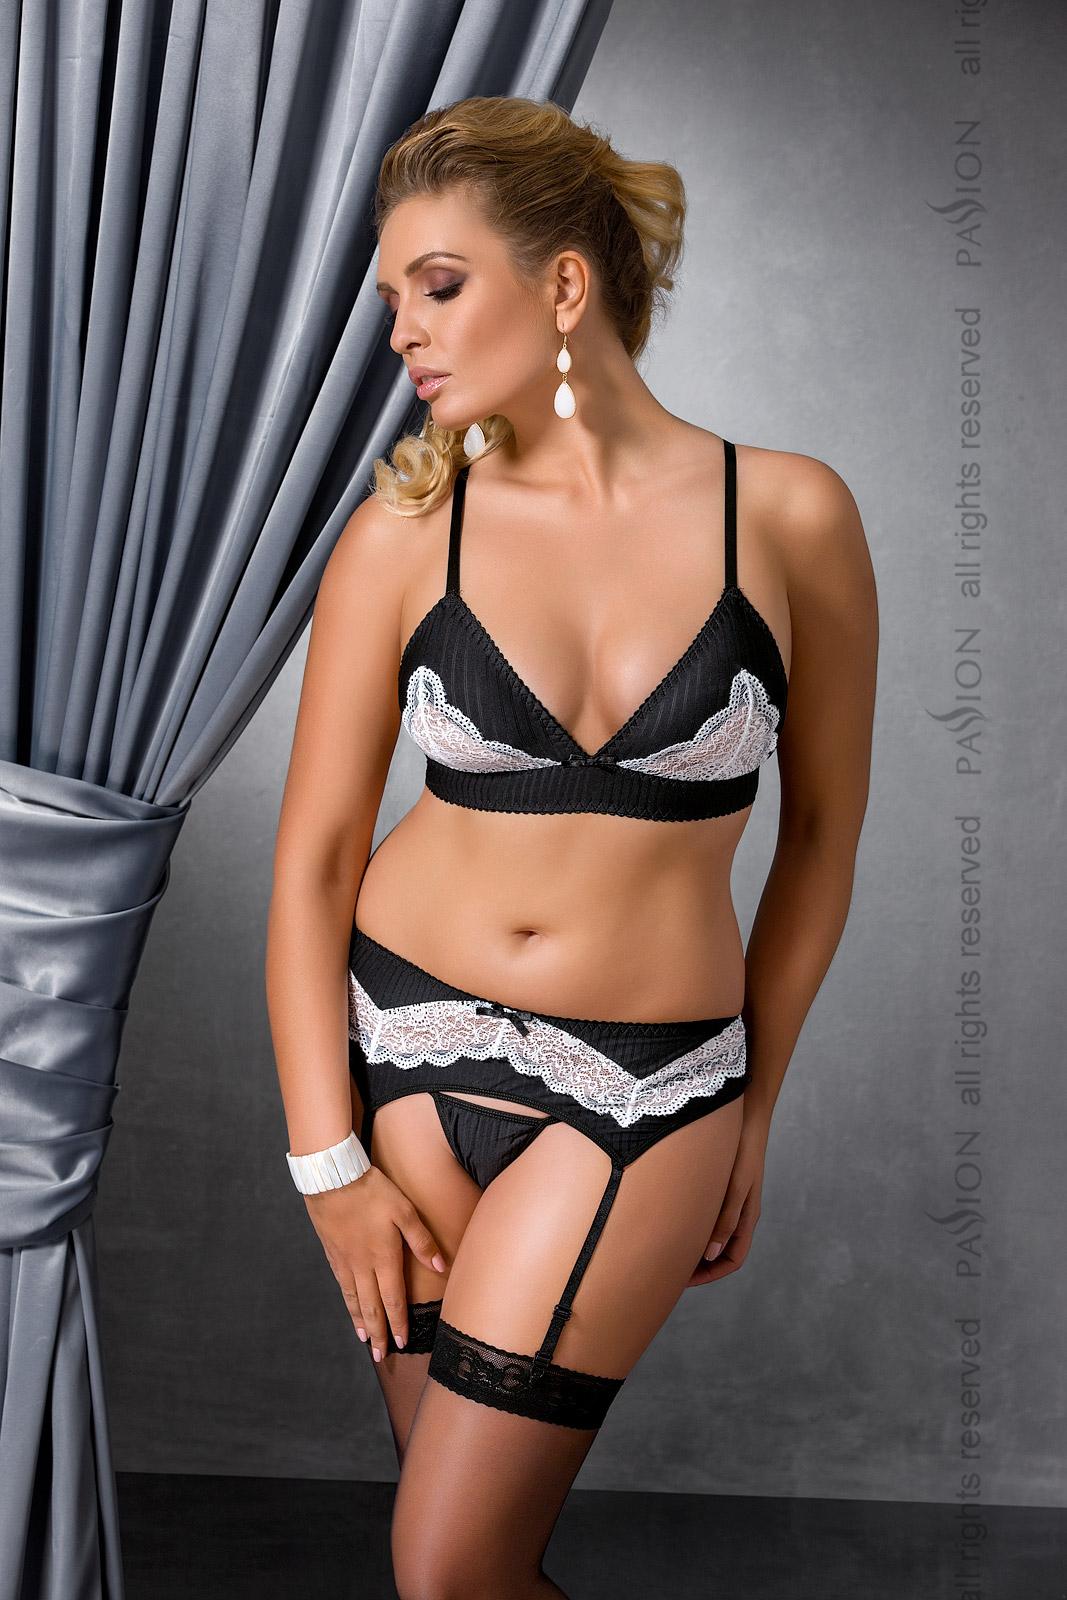 Женский сексуальный комплект Passion CAMILLE SET, черный, 4XL/5XL